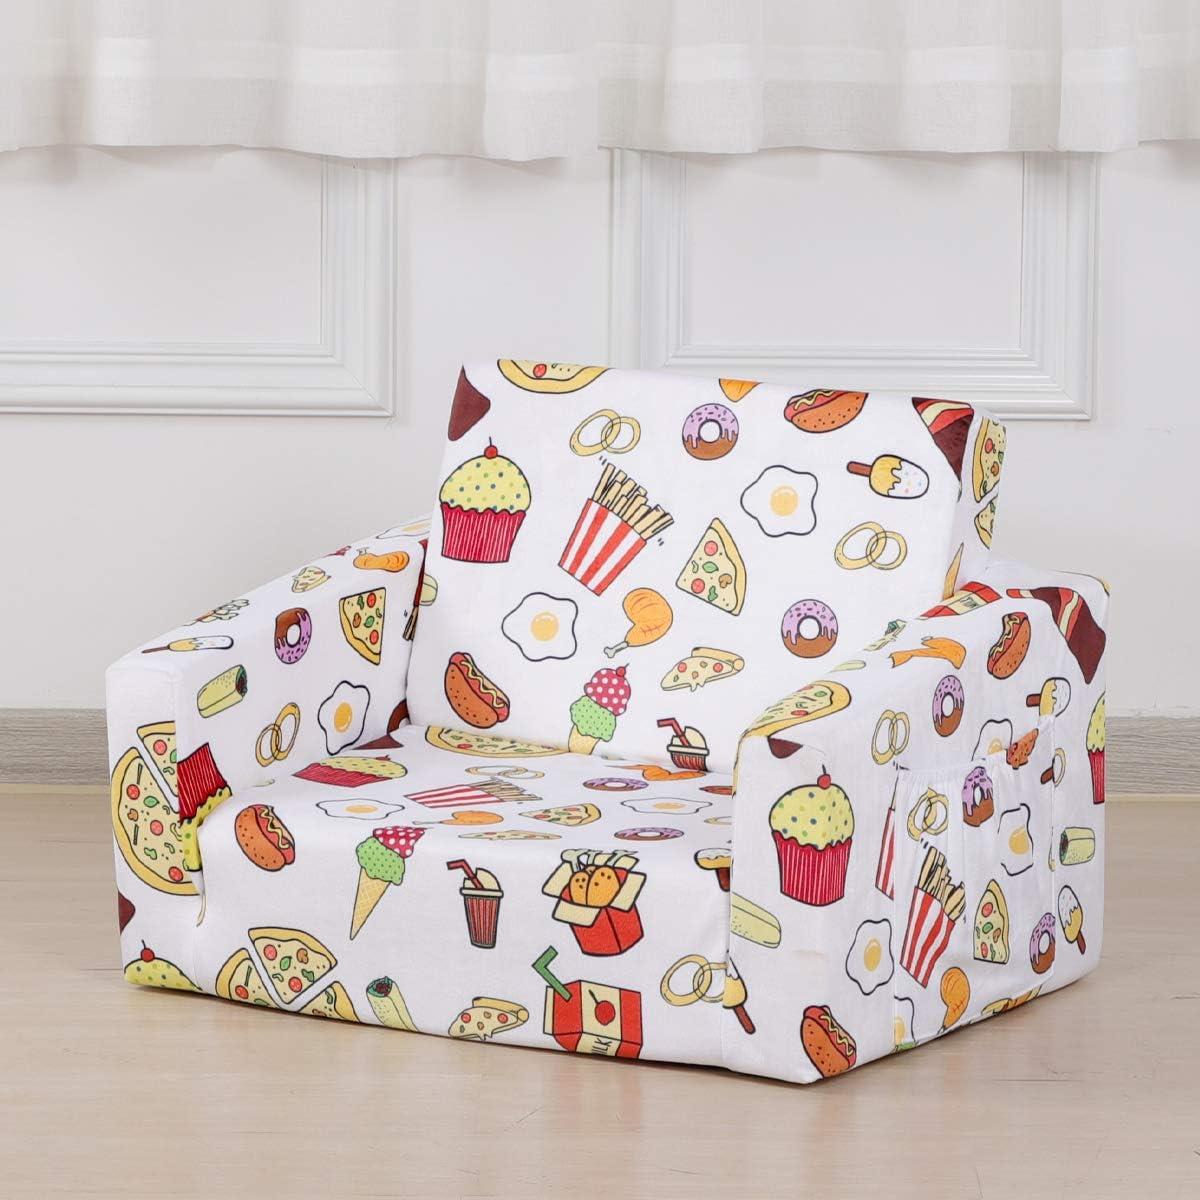 Kid Sofa Chair, Velvet Children's 2 in 1 Flip Open Foam Sofa Bed for Kid Nap and Play (White)